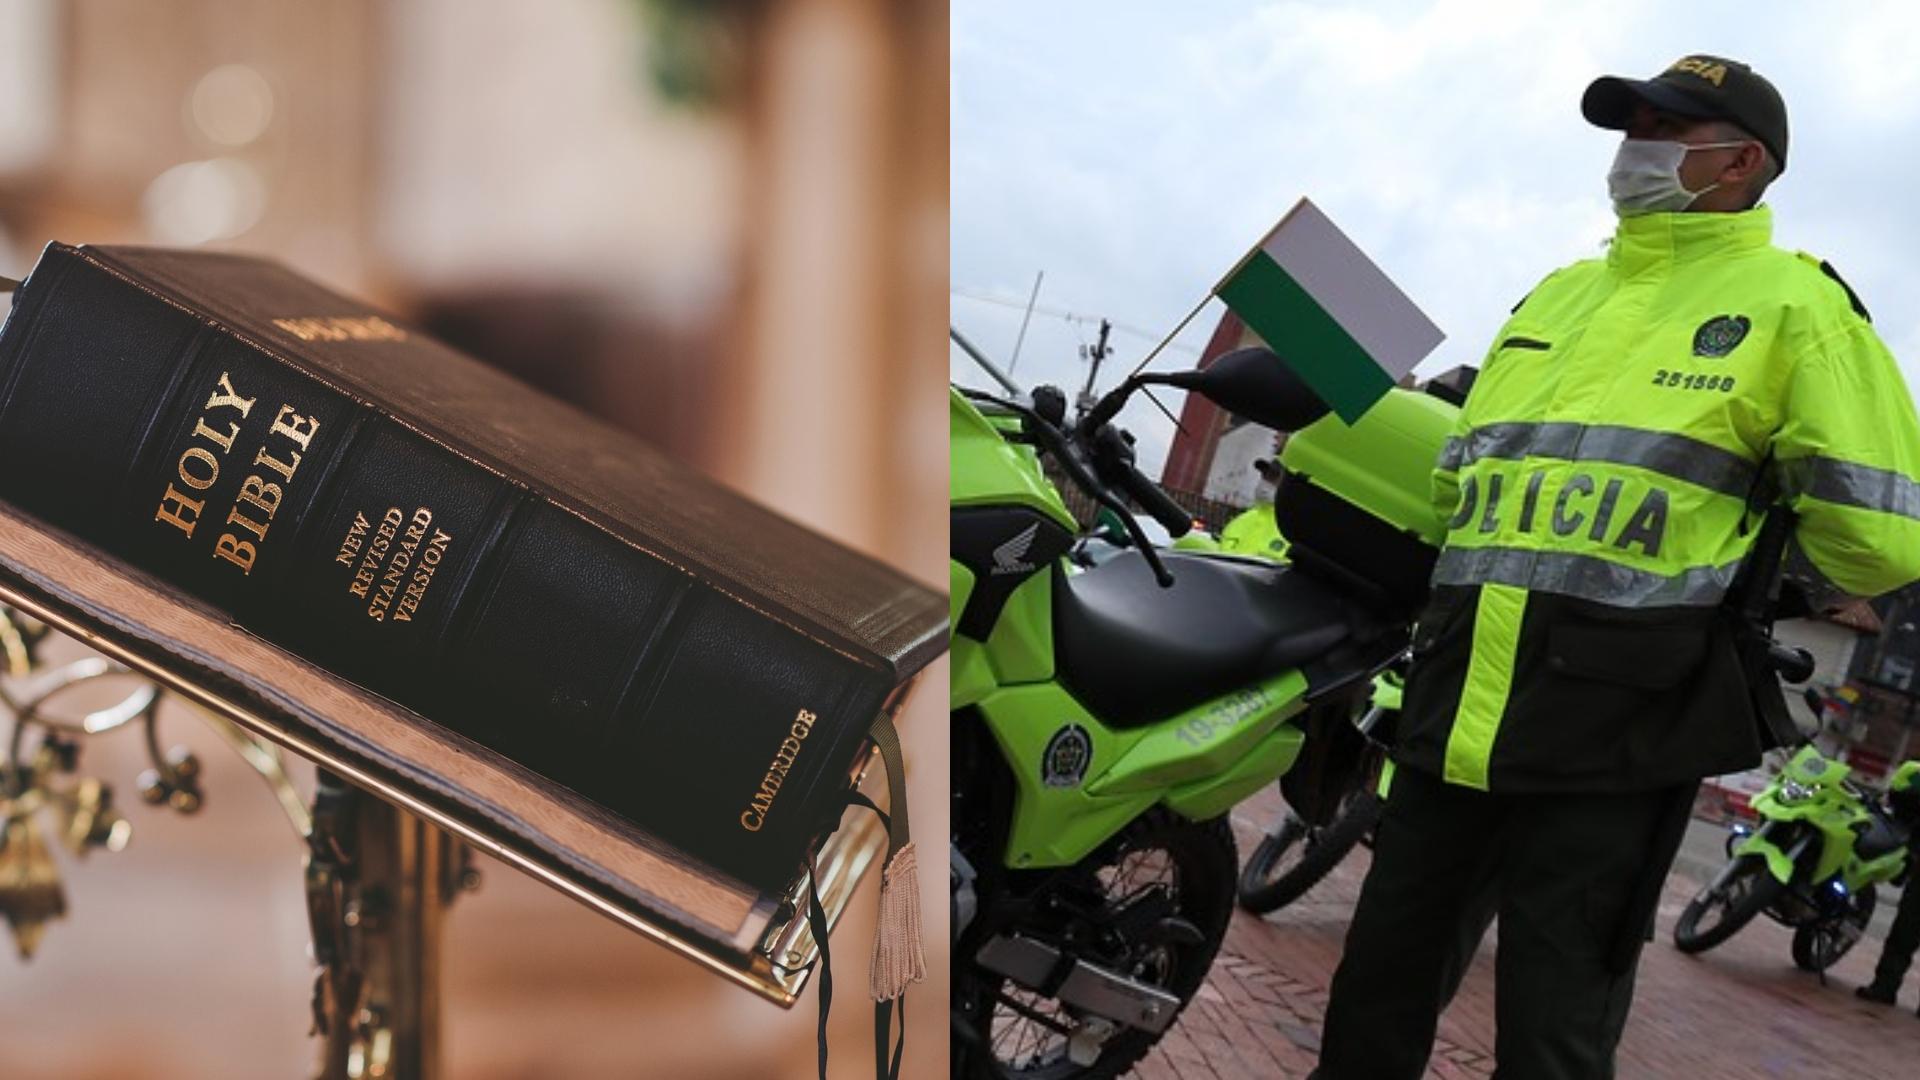 Policía comprará 720 biblias por 36 millones de pesos y aseguran que es una  tradición - Infobae